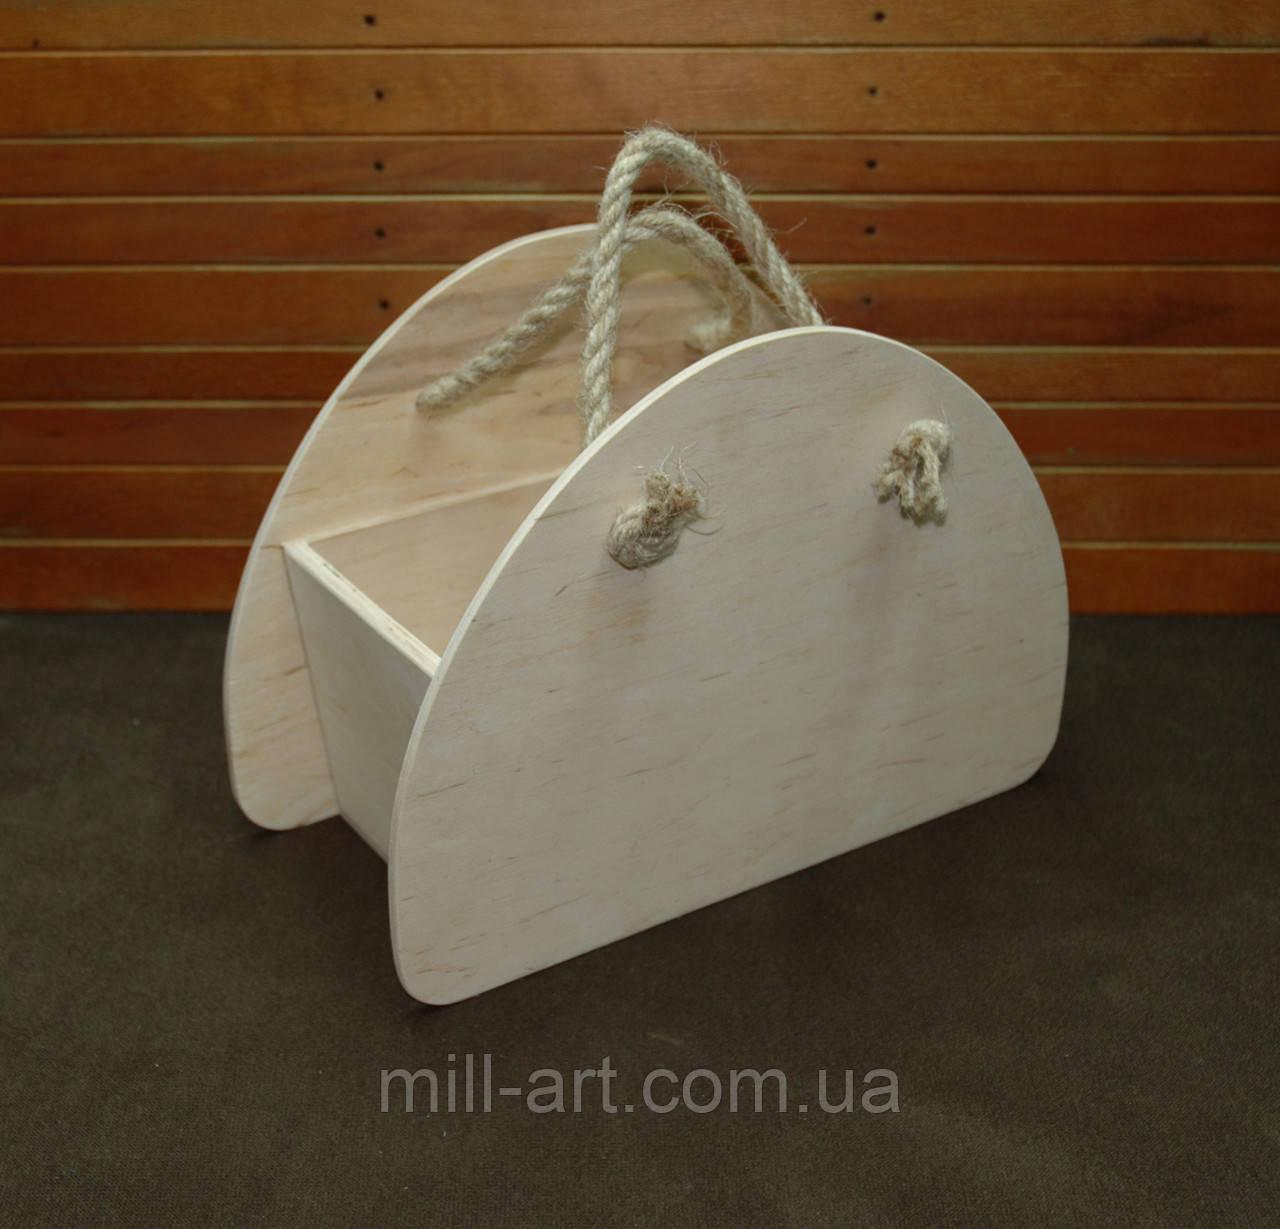 2f690edaad757 Заготовка для декорированя. Ящик, деревянная сумка 30х20х13.5(см ...